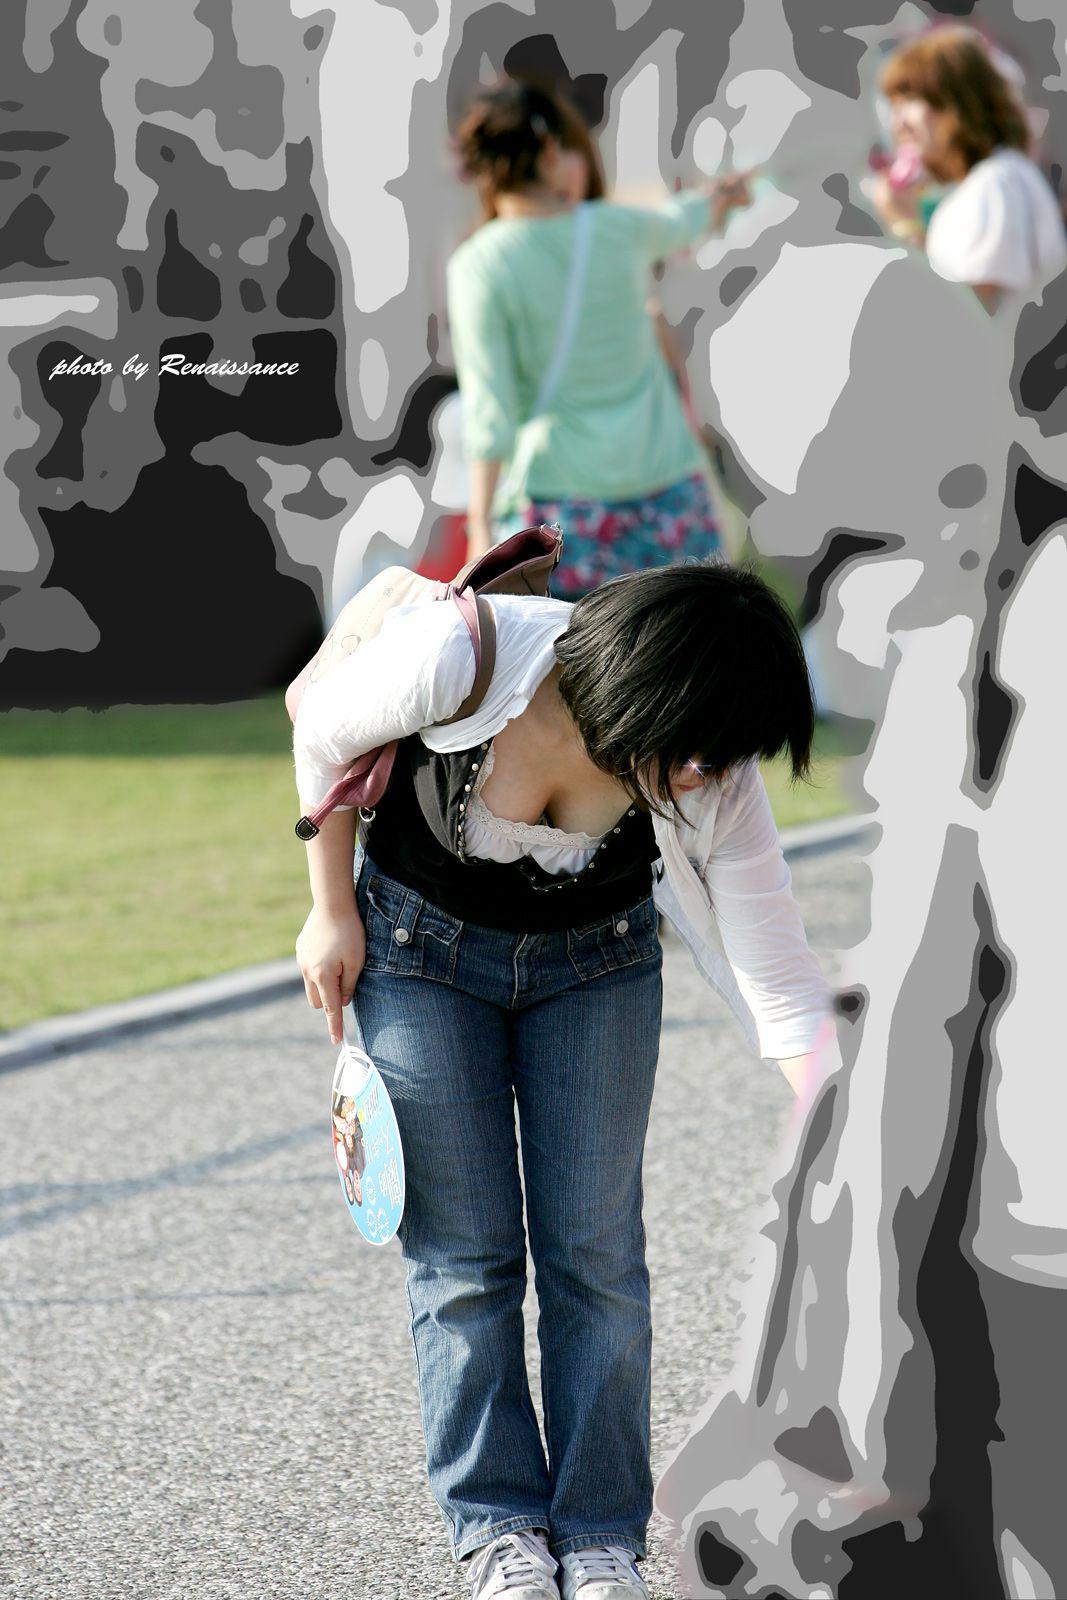 【胸チラエロ画像】暑さぶり返してきたからまだ見える機会は多い胸元チラリ(;^ω^)